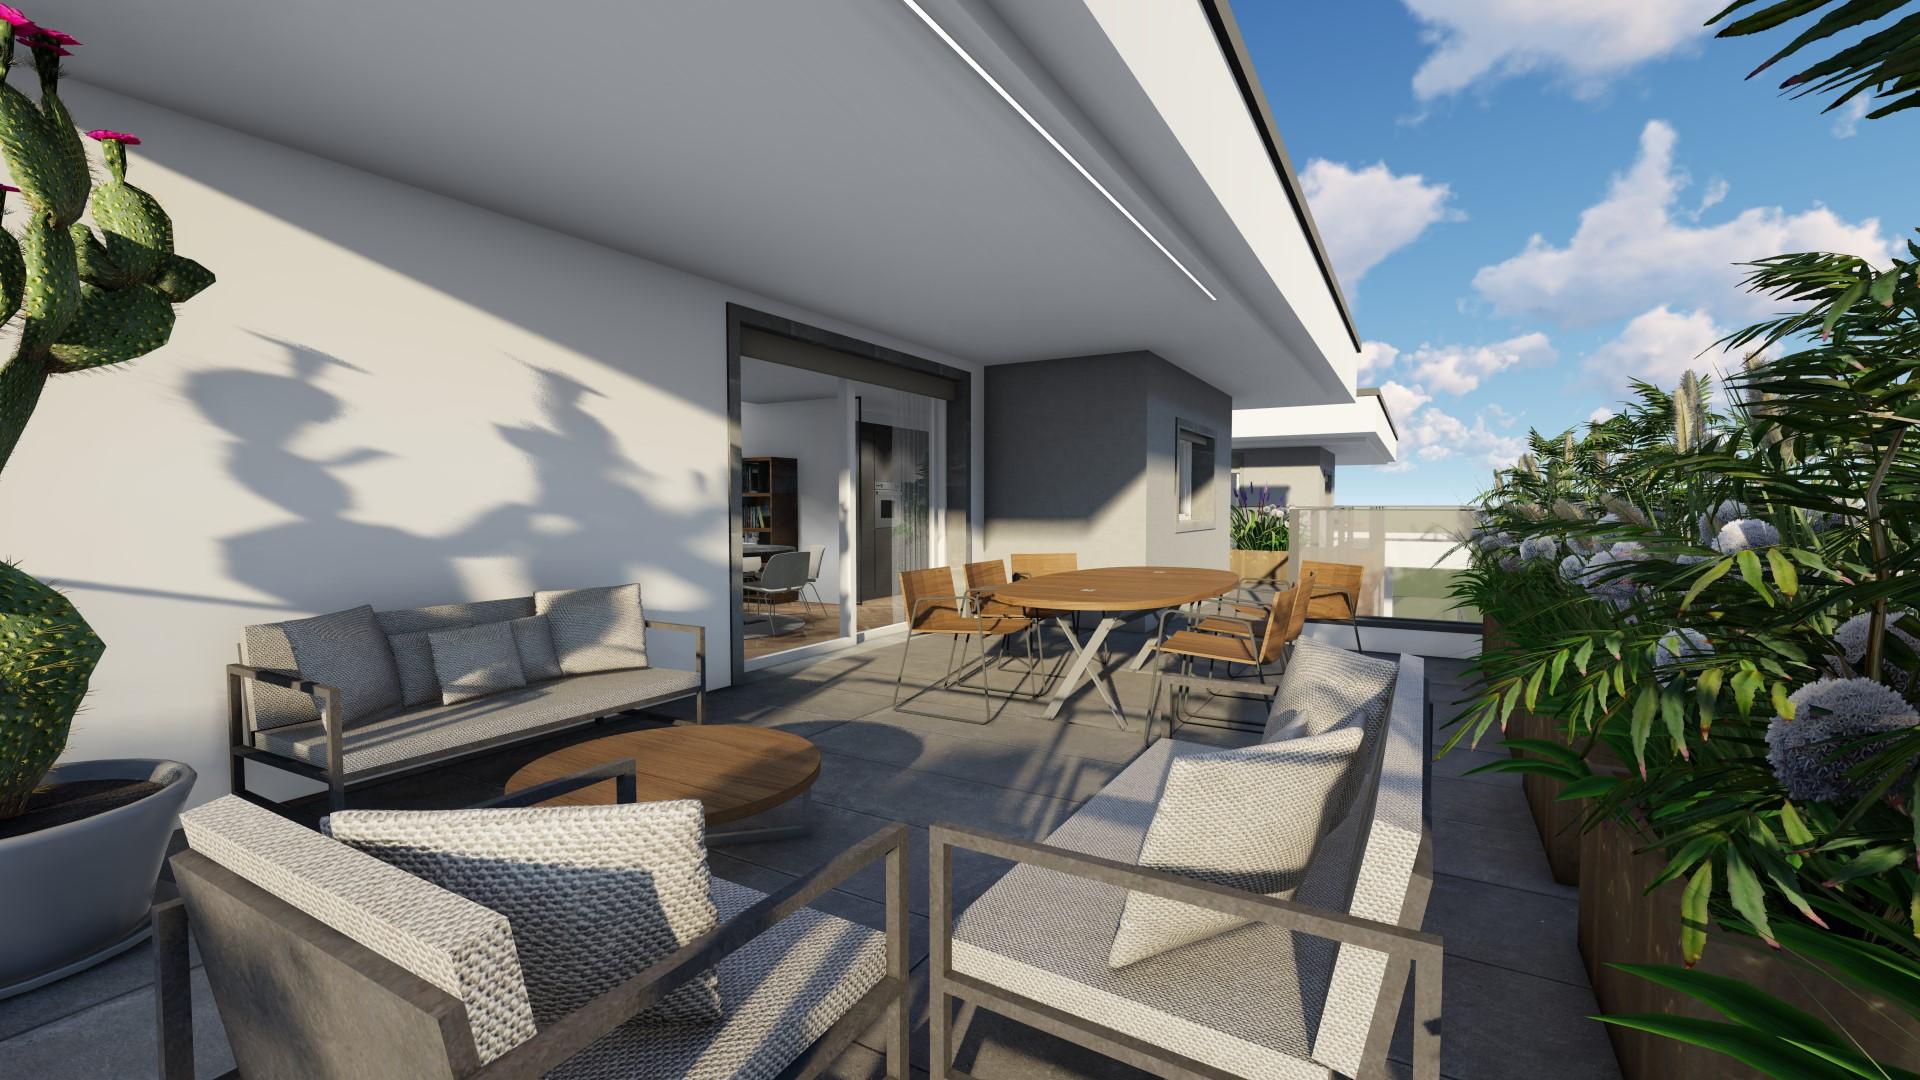 attico in vendita a Treviglio - vista 360°